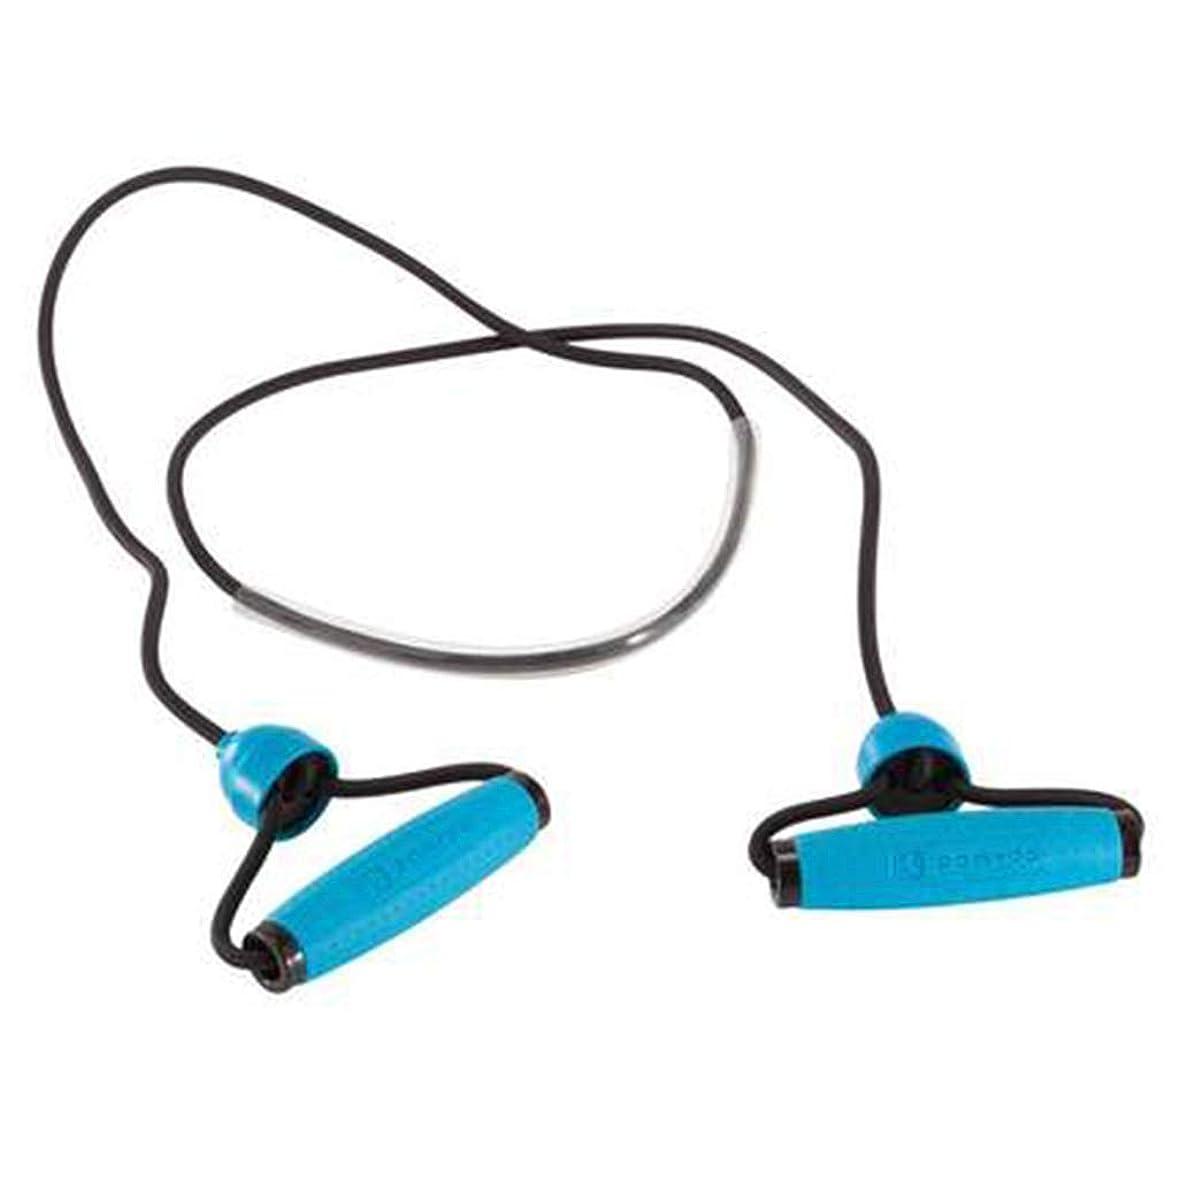 余計な何よりも北米多機能ワードプルロープホームラリーフィットネス弾性ロープラテックスチューブアームの力の胸 (色 : 青)